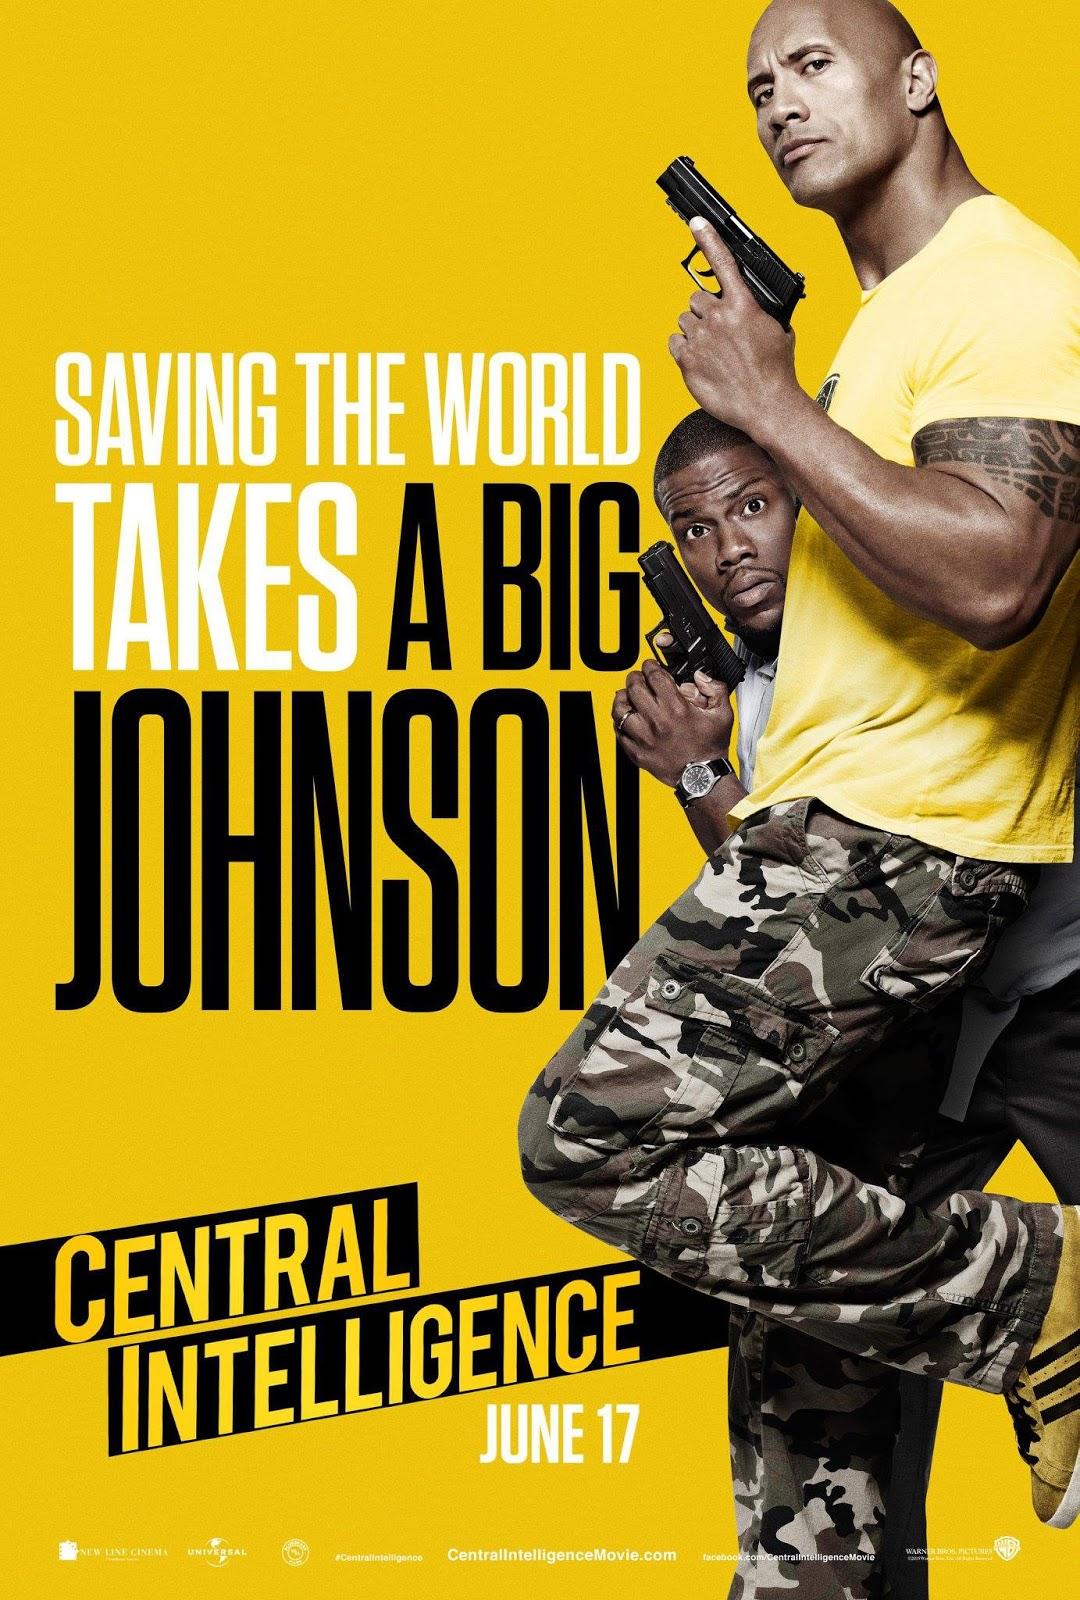 Central_Intelligence-Kevin_Hart-Dwayne_Johnson-Poster